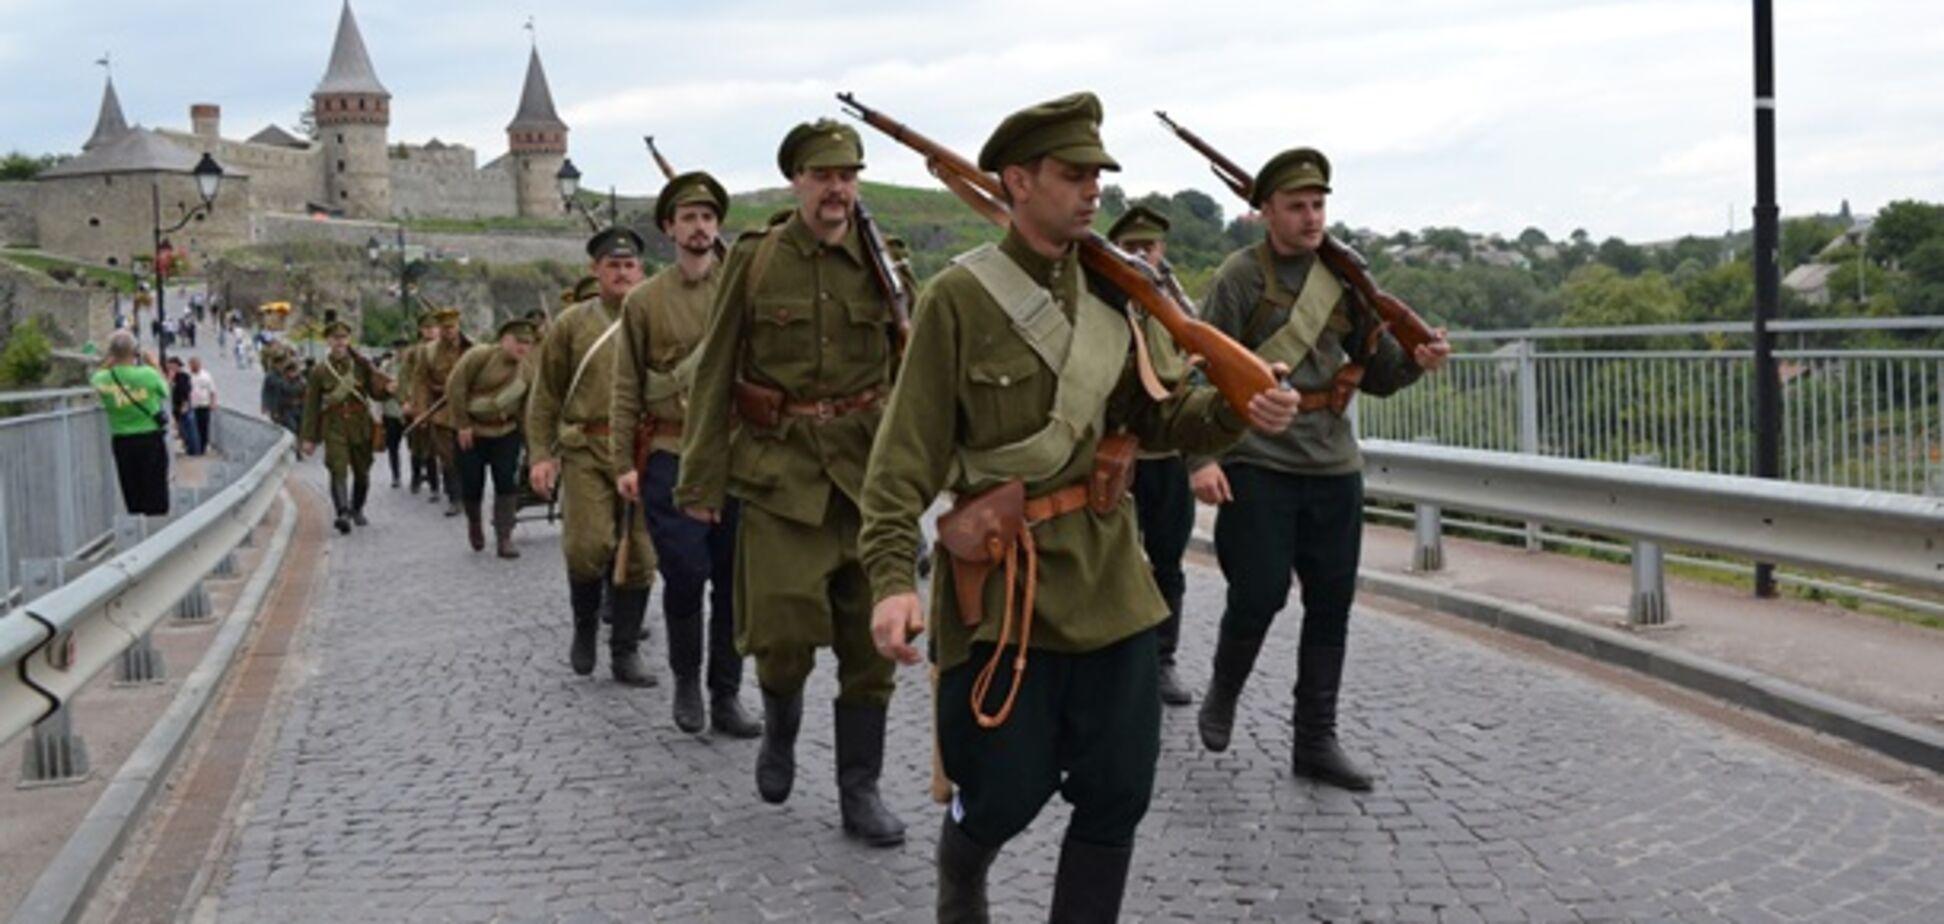 Вернуть часть земель Украины? Историк ответил беглому регионалу